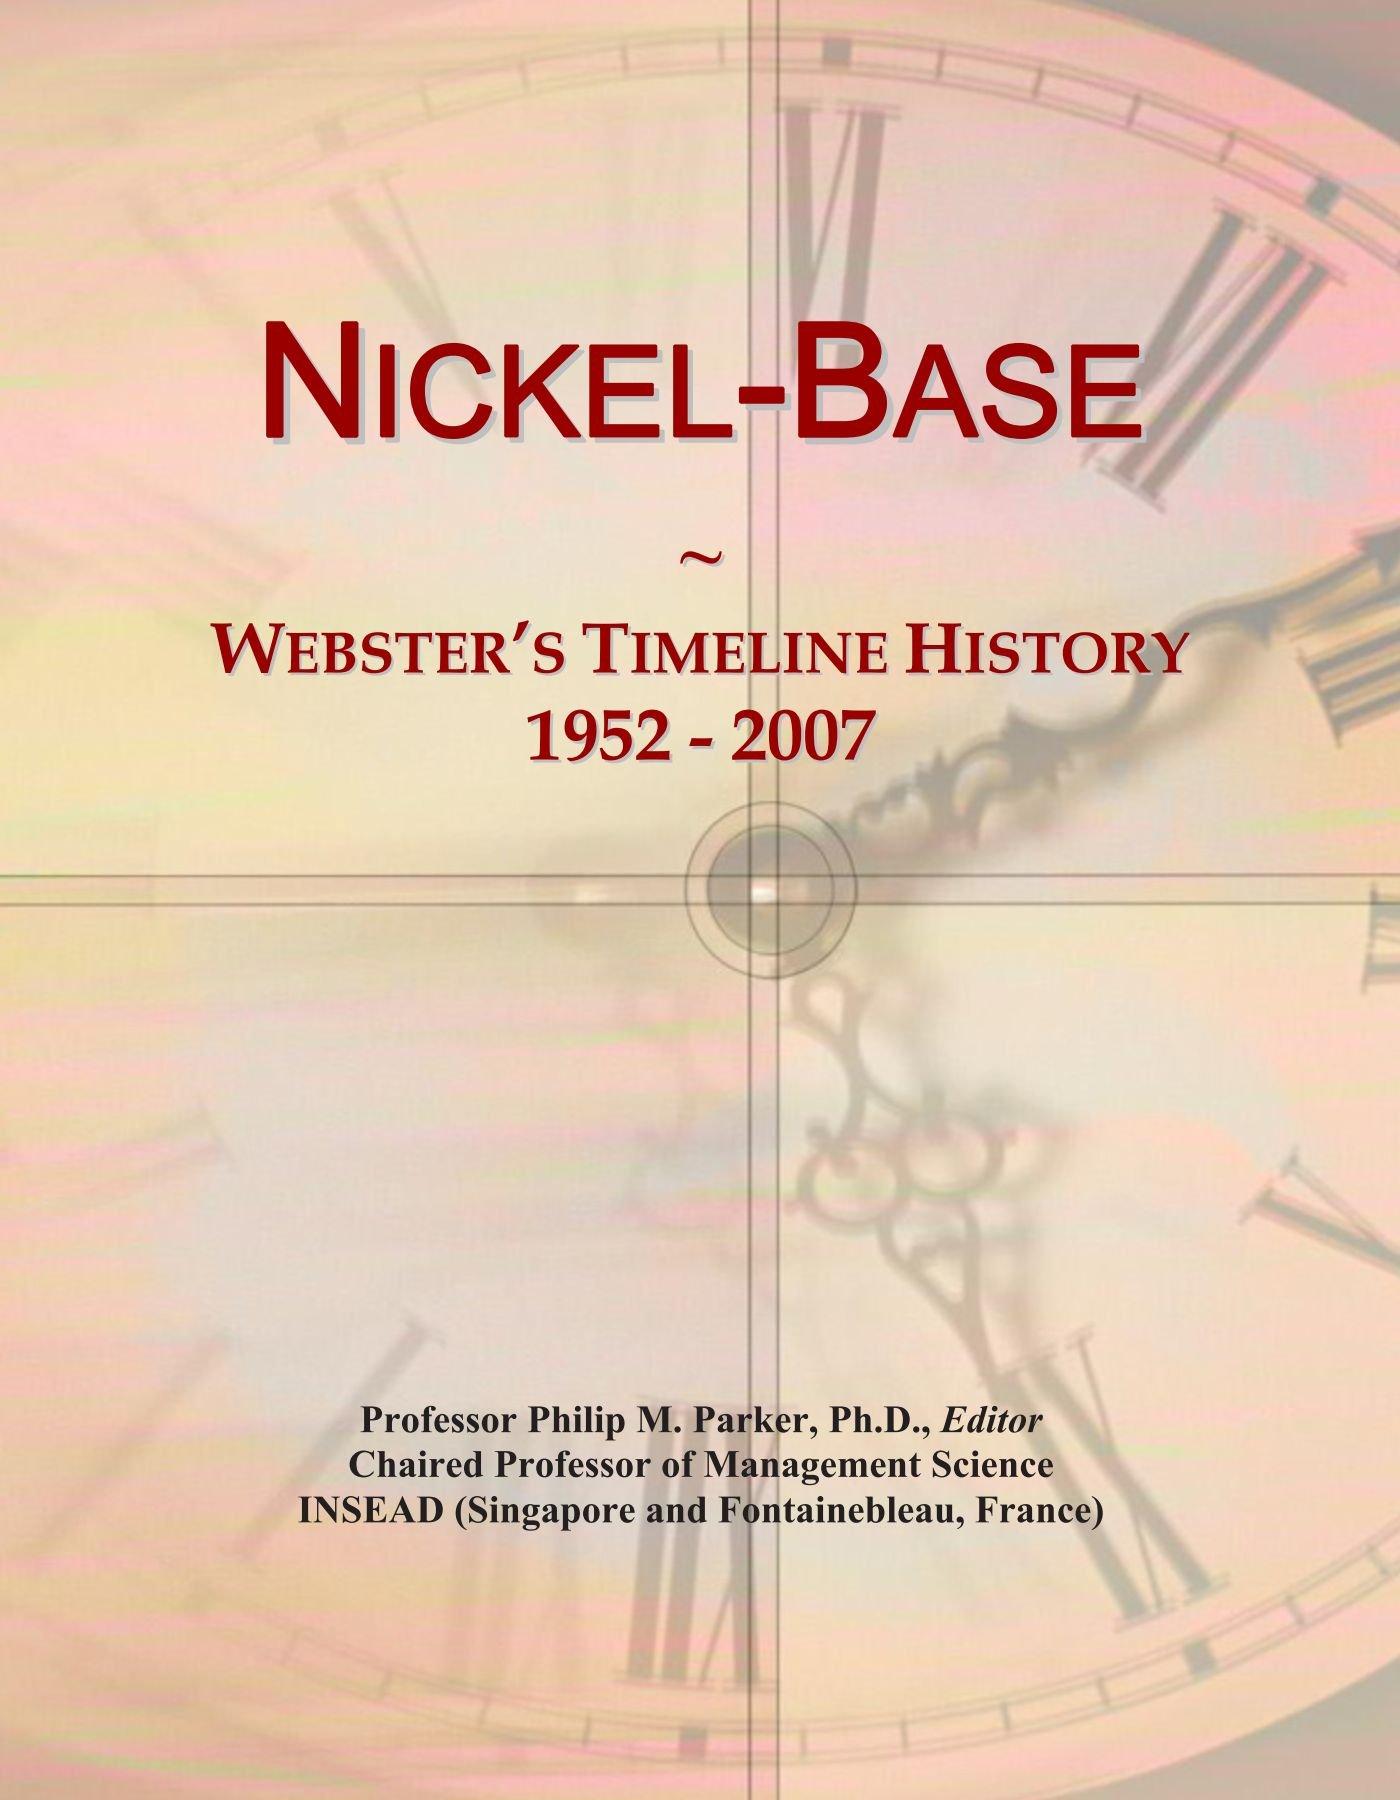 Nickel-Base: Webster's Timeline History, 1952 - 2007 PDF